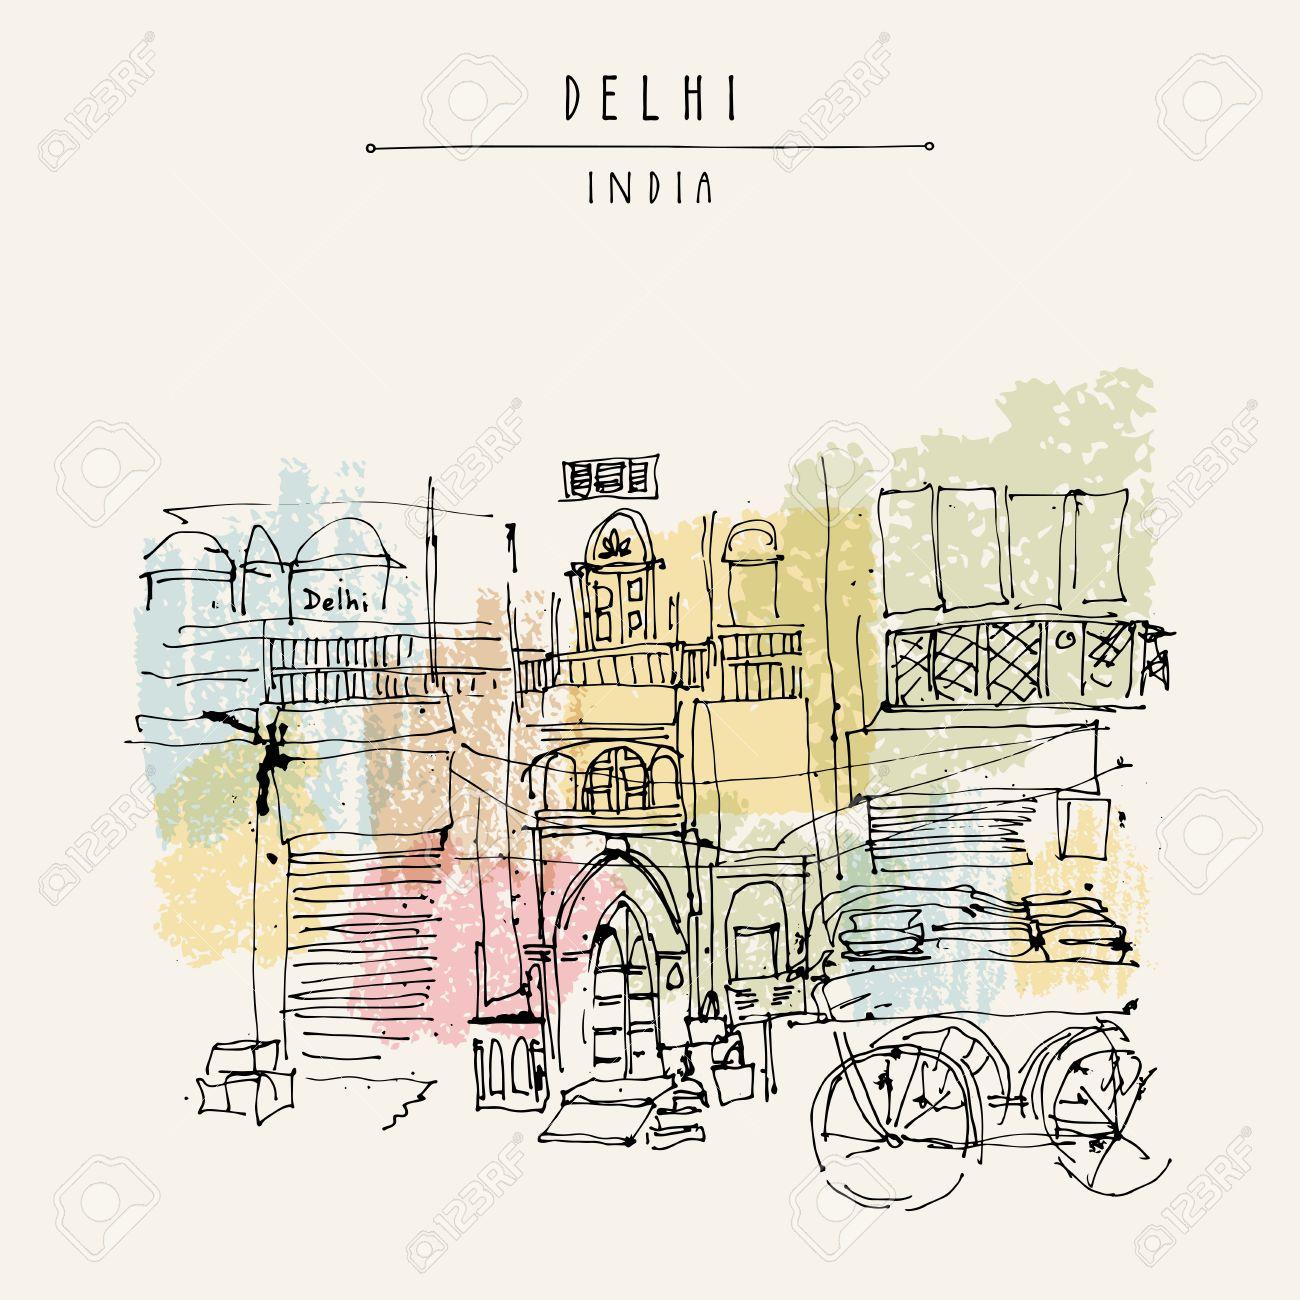 Alte Historische Gebäude Und Ein Wagen In Main Bazar, Paharganj ...